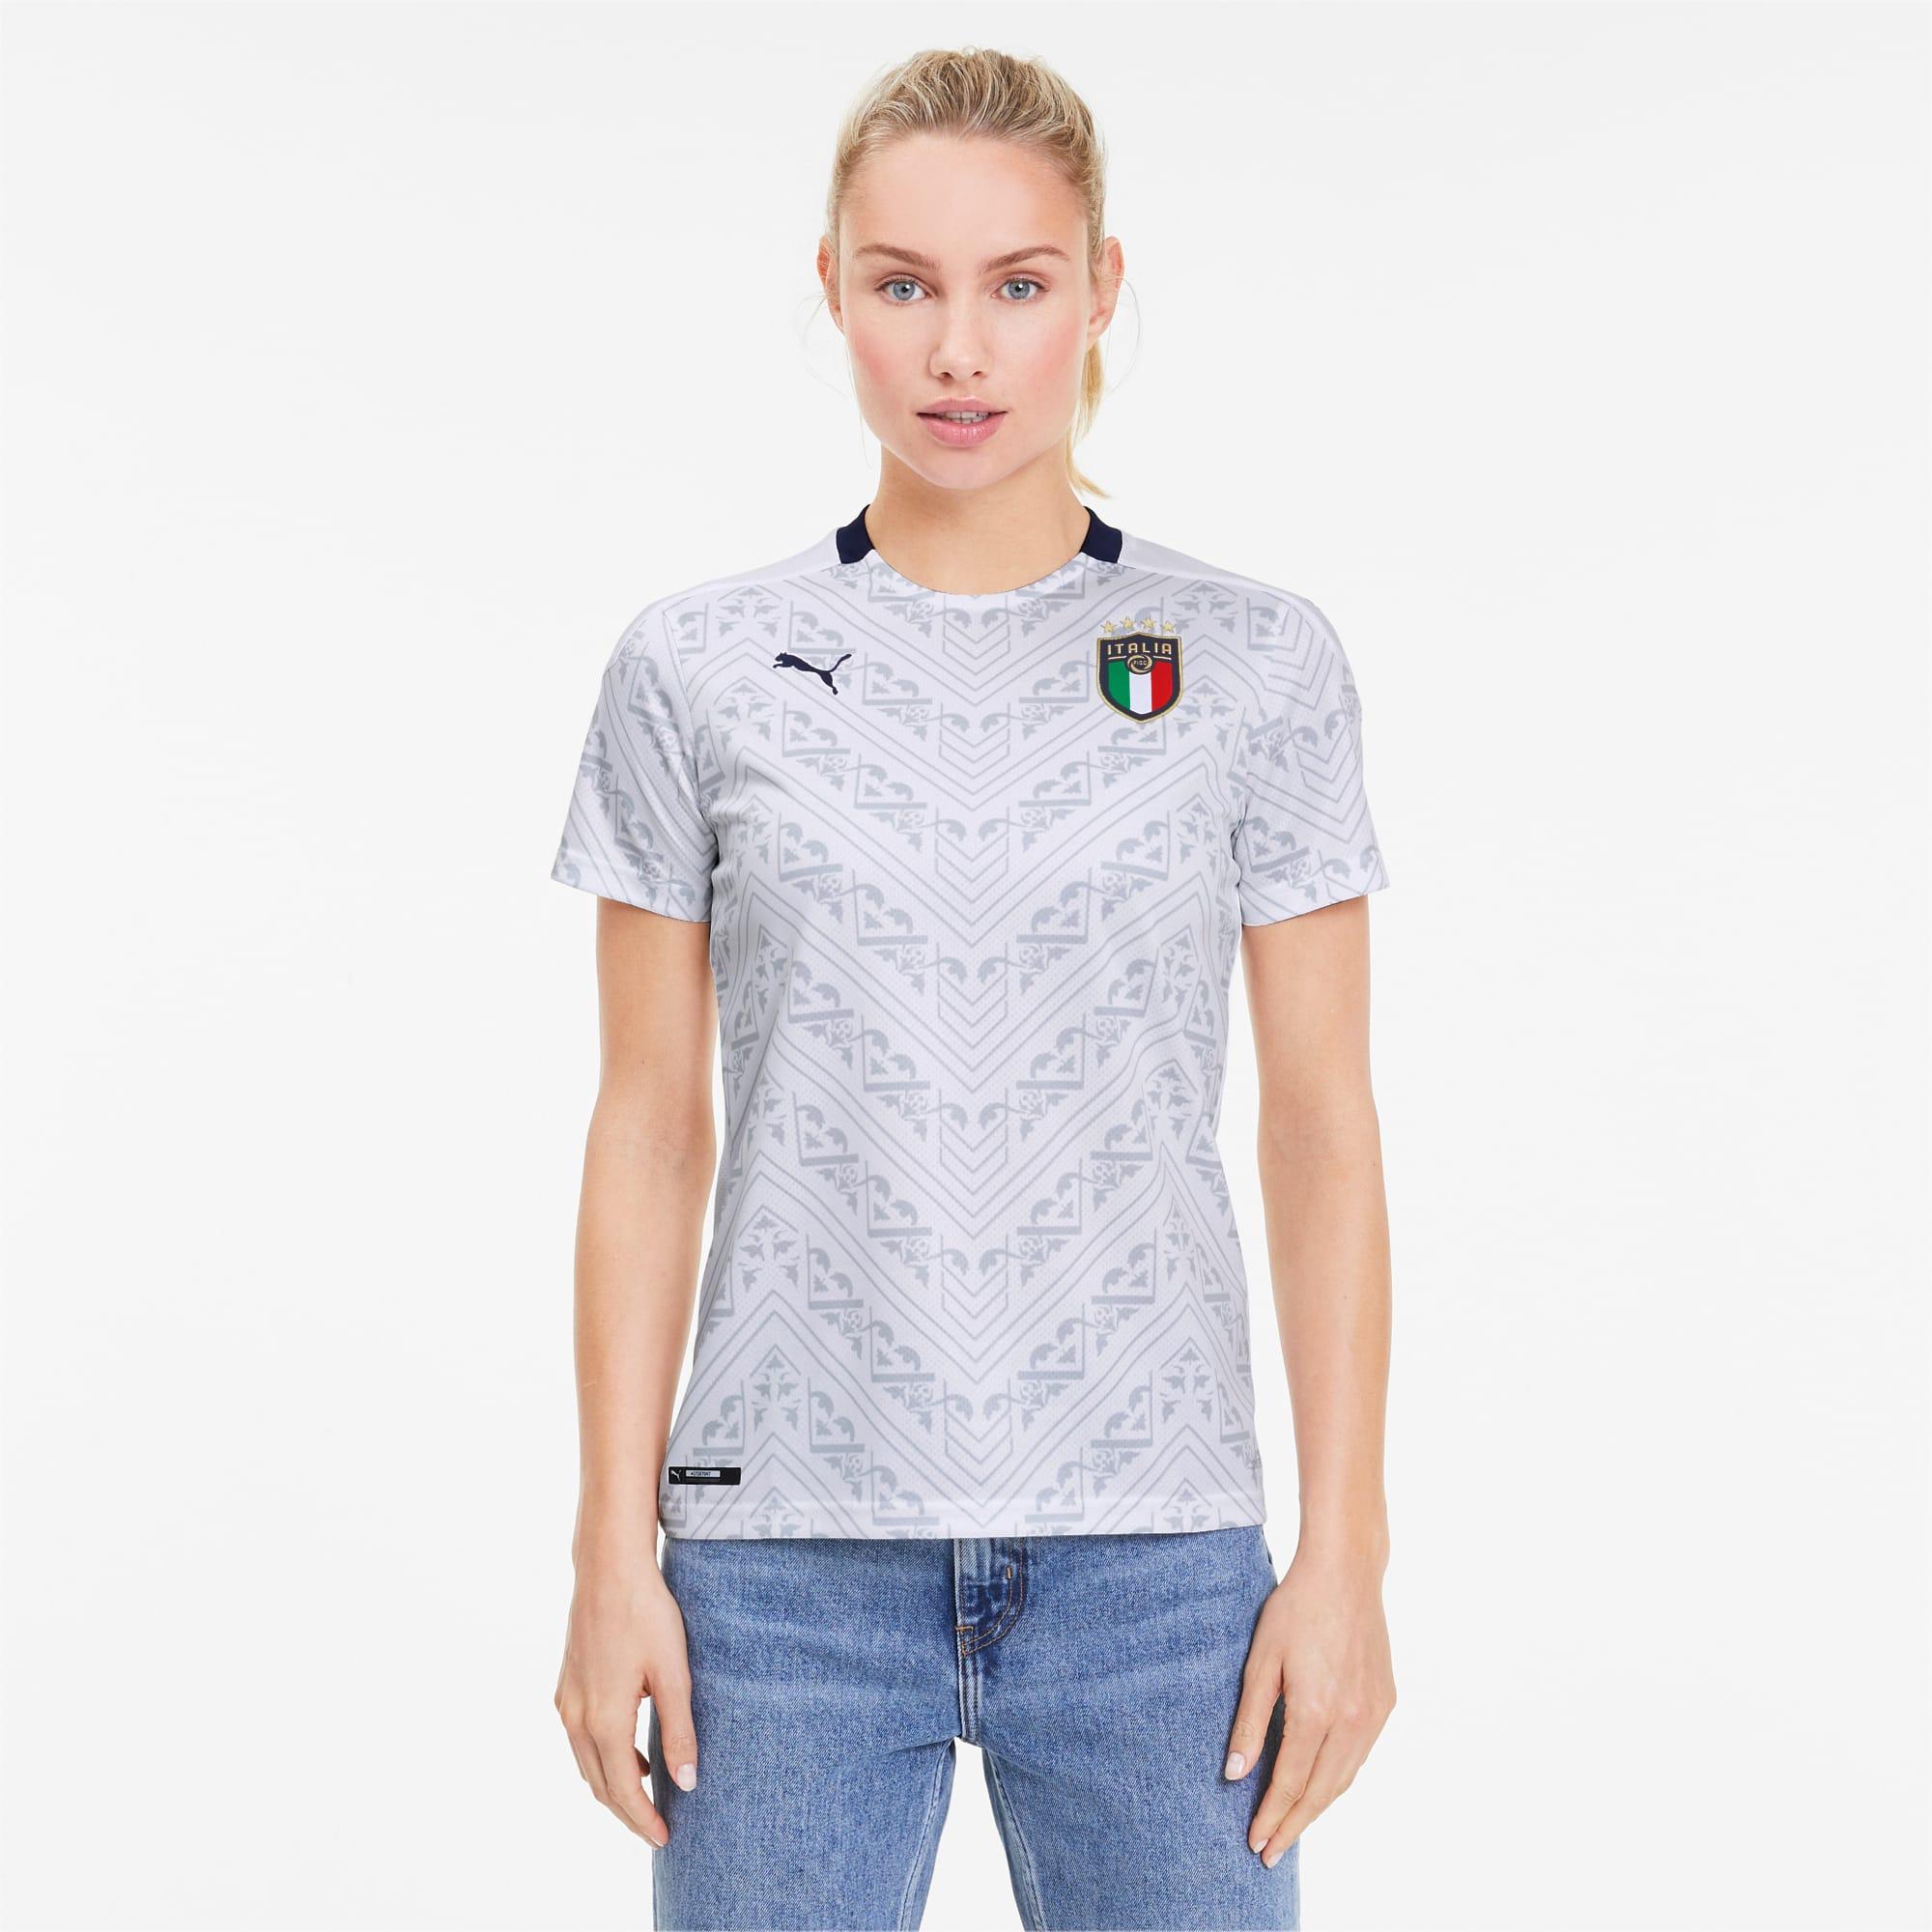 Italia Away replica shirt, Wit/Blauw, Maat 3XL | PUMA